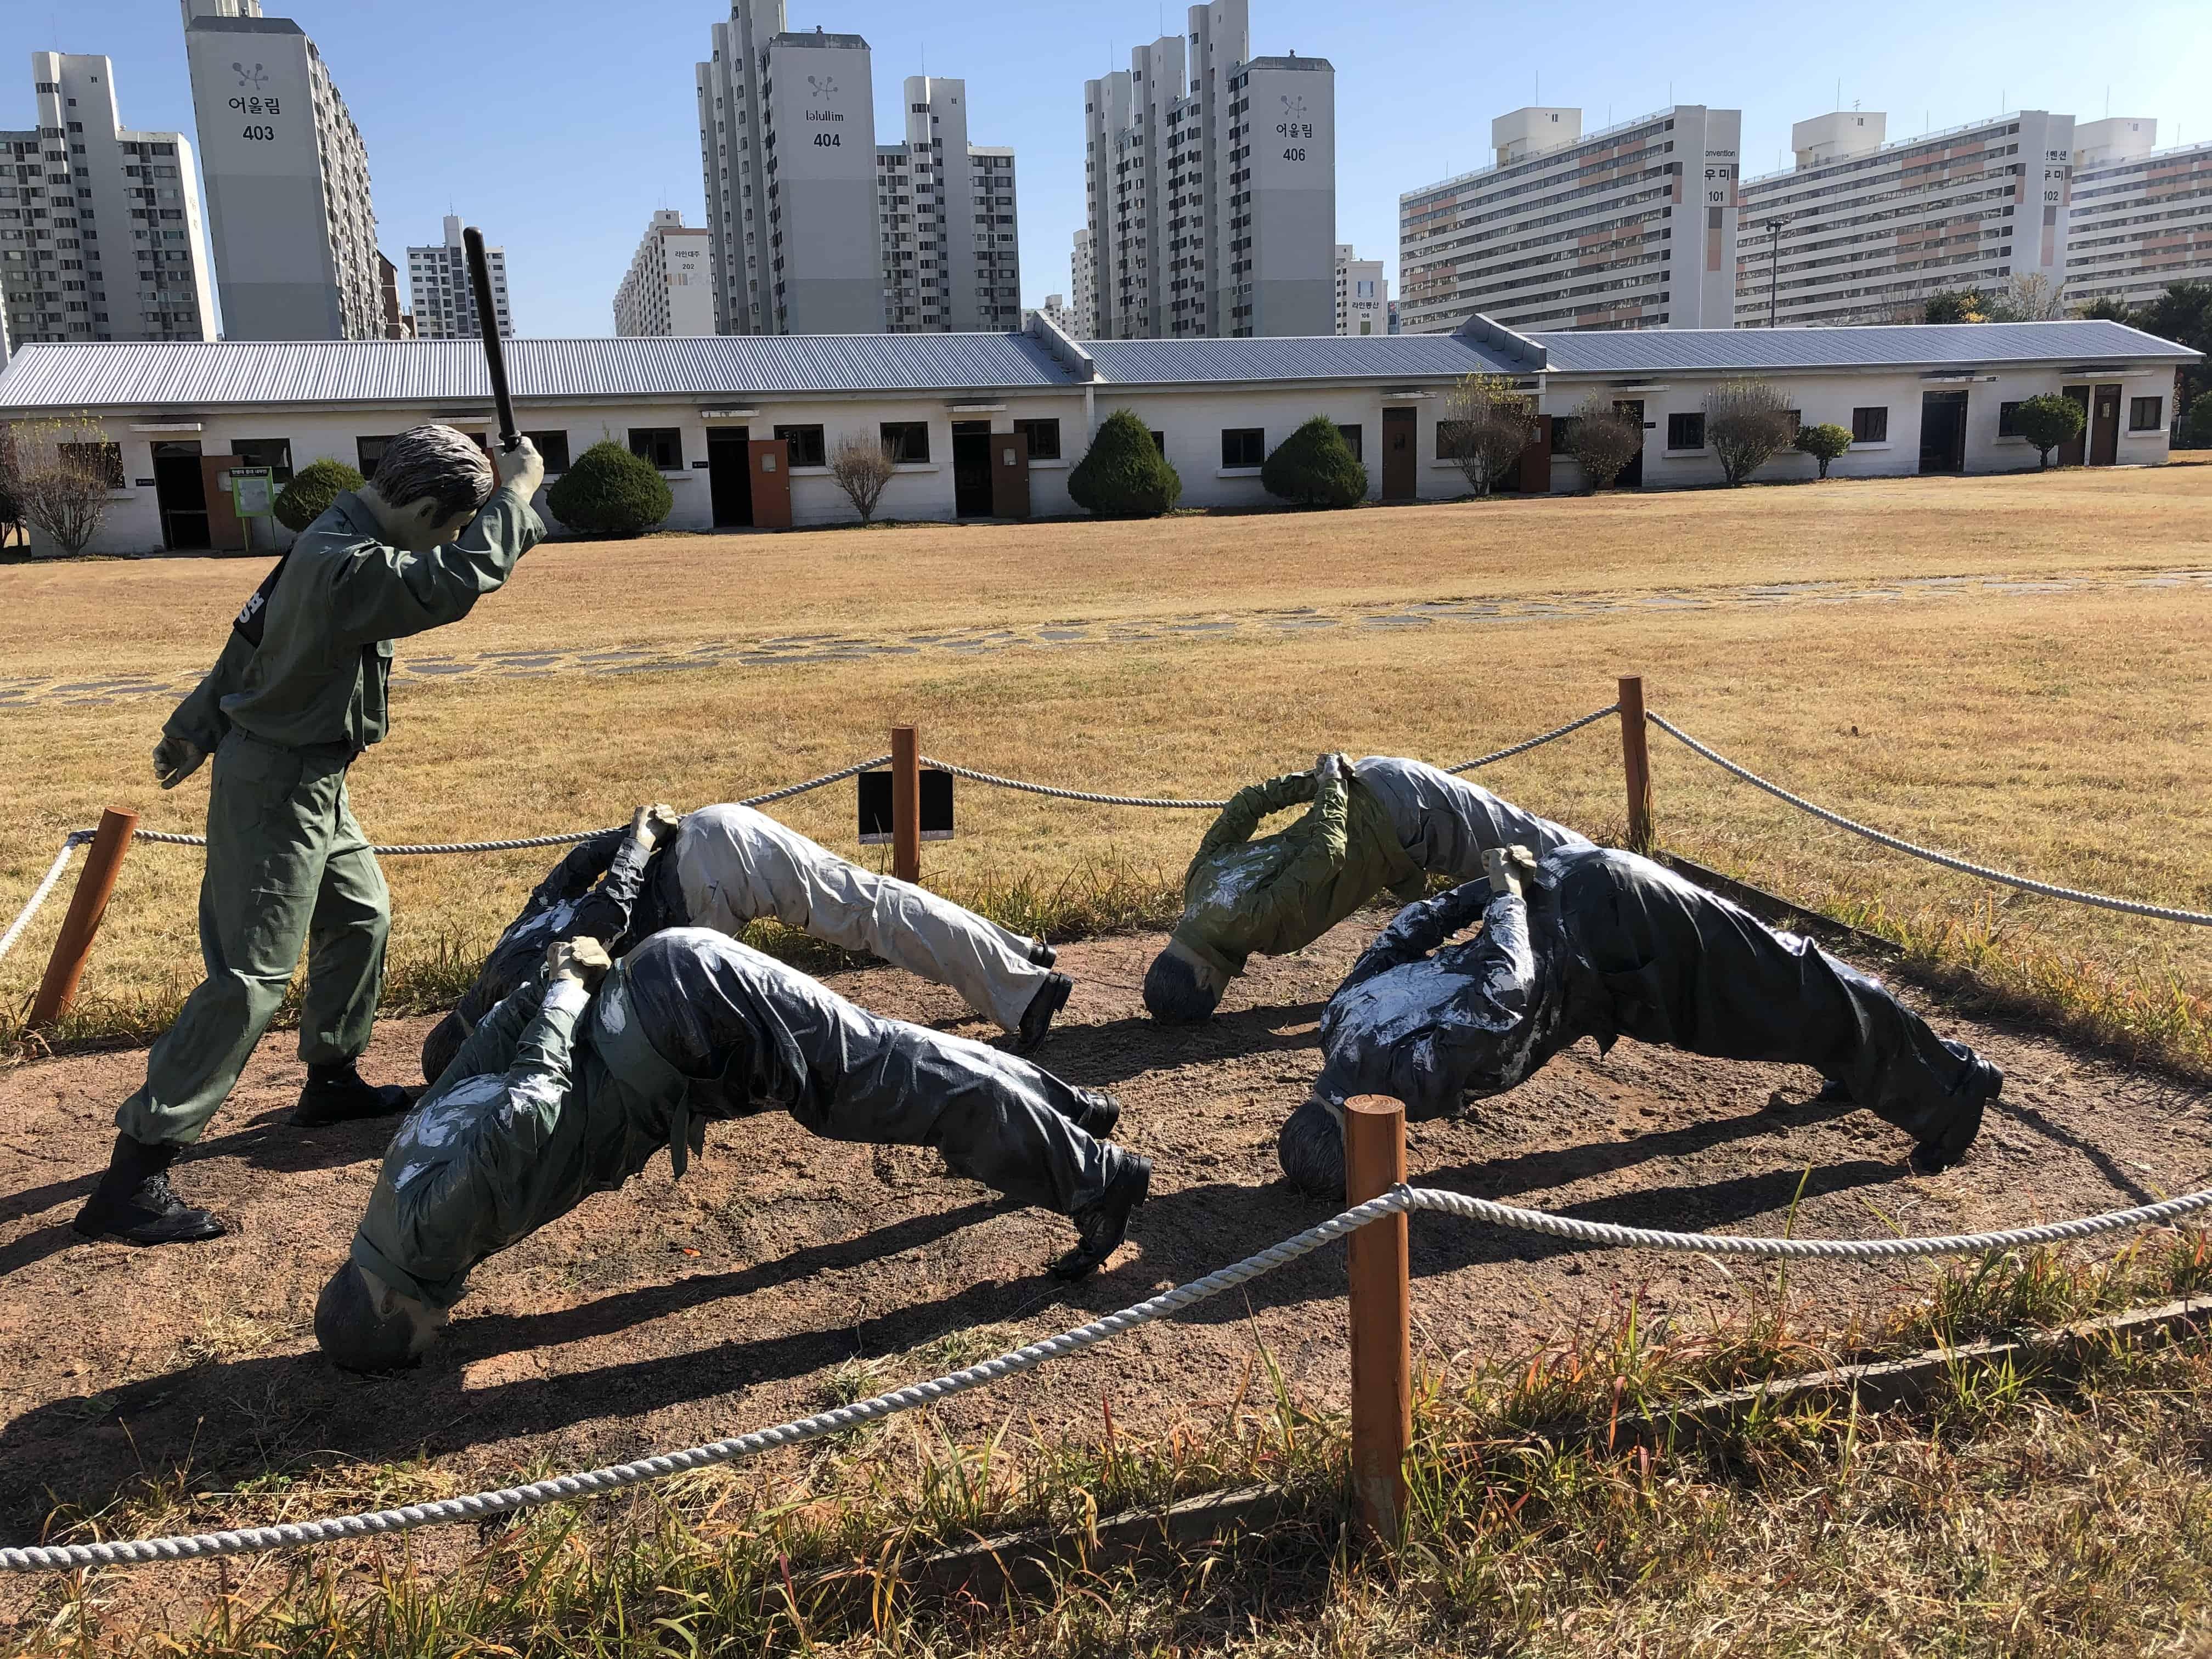 韓國自由行2020-景點歷史篇:光州事件尋找昔日民主精神